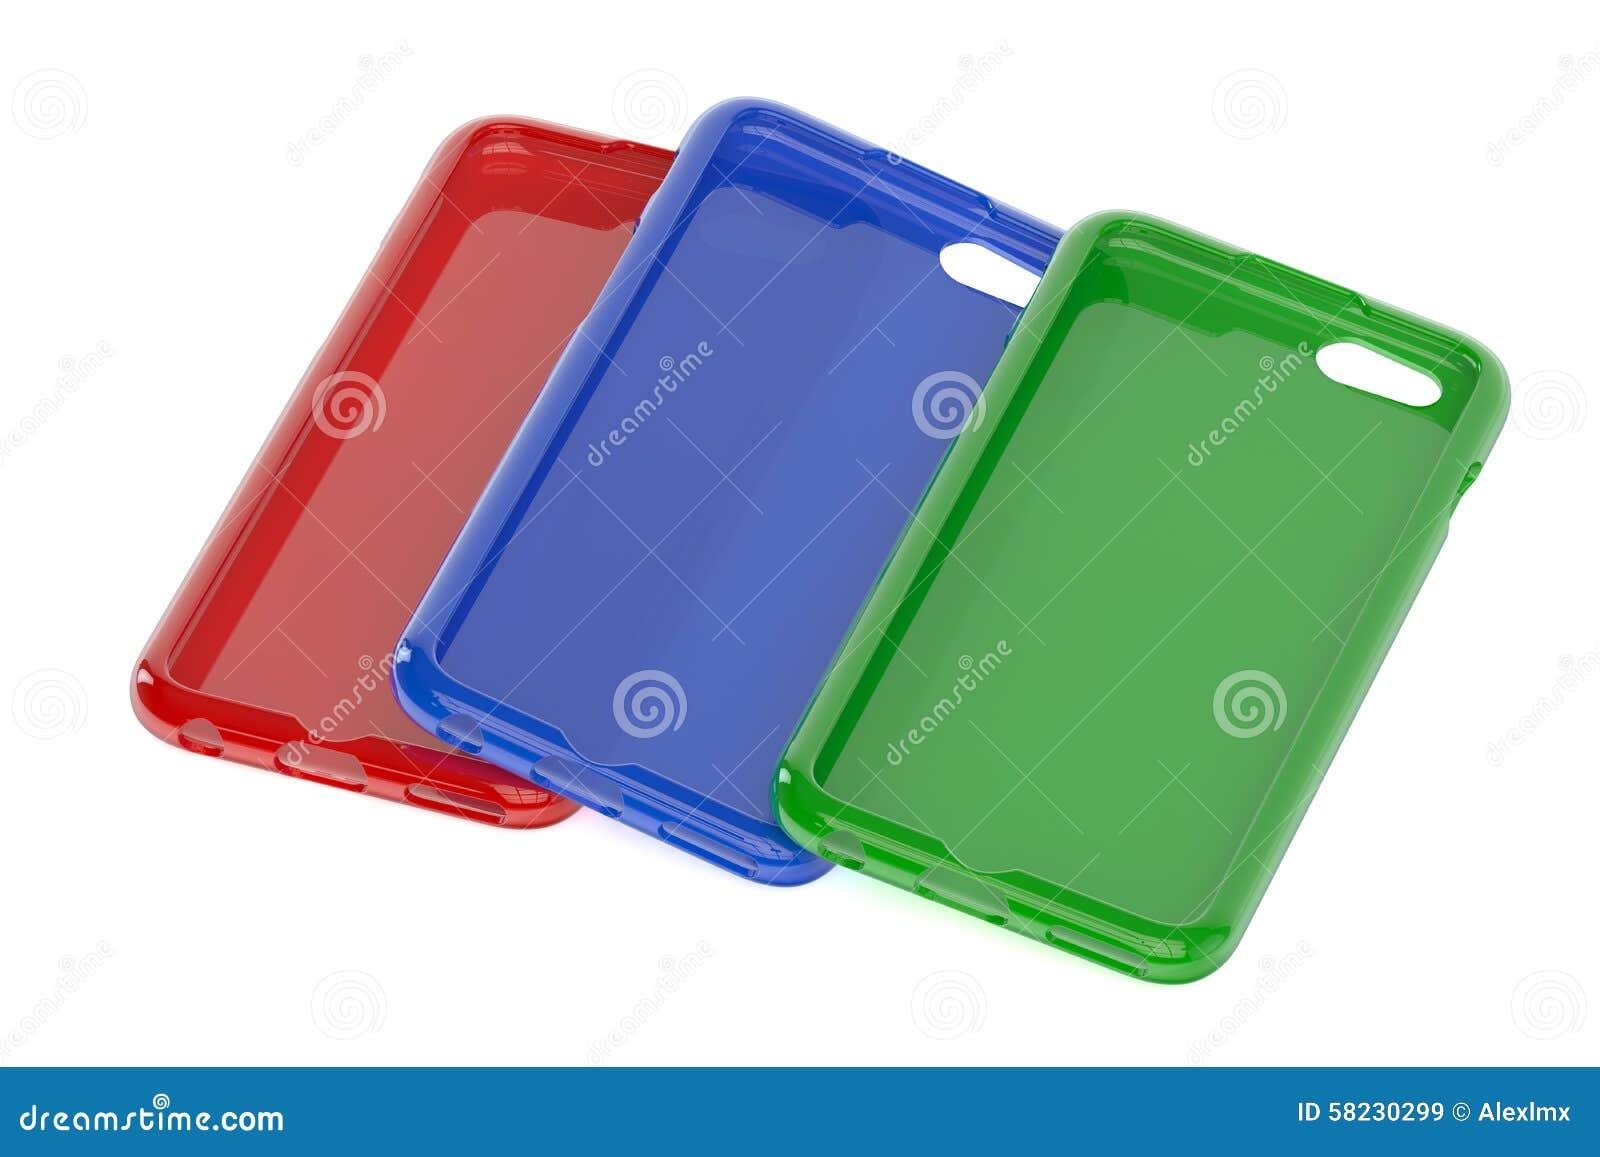 Plastic mobile phones